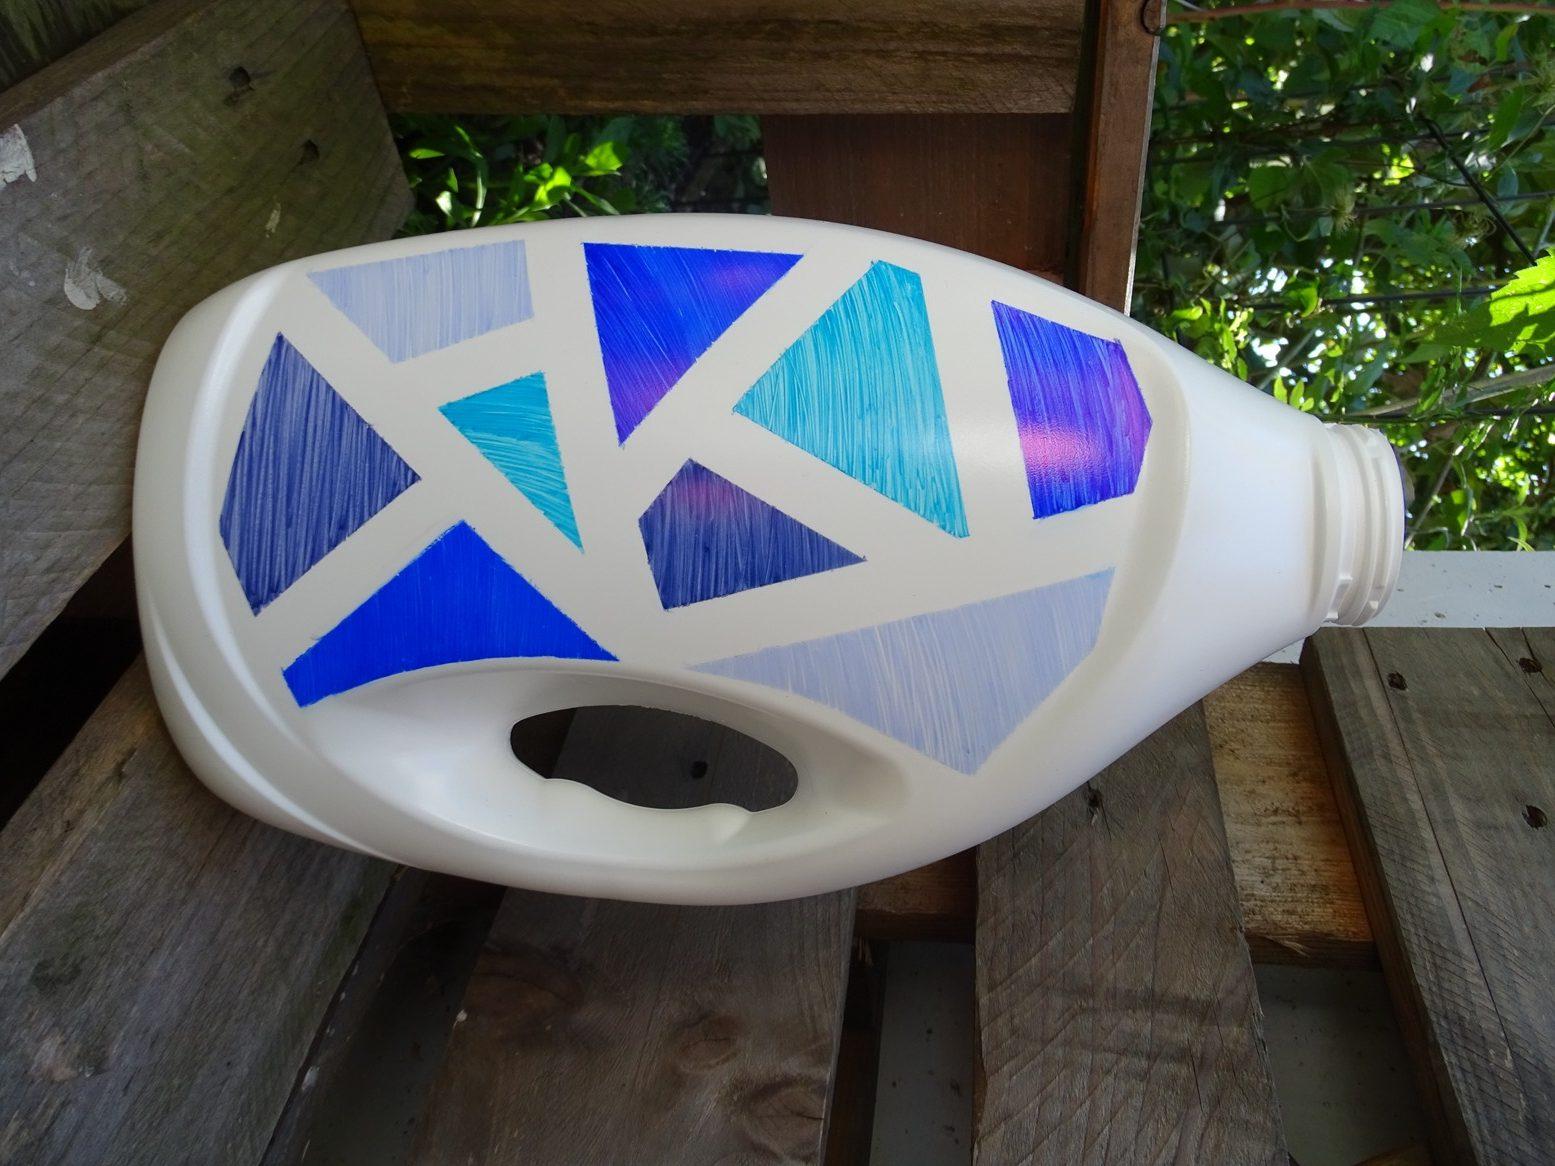 Waschmittelflasche bemalen mit Sharpies: geometrisches Muster